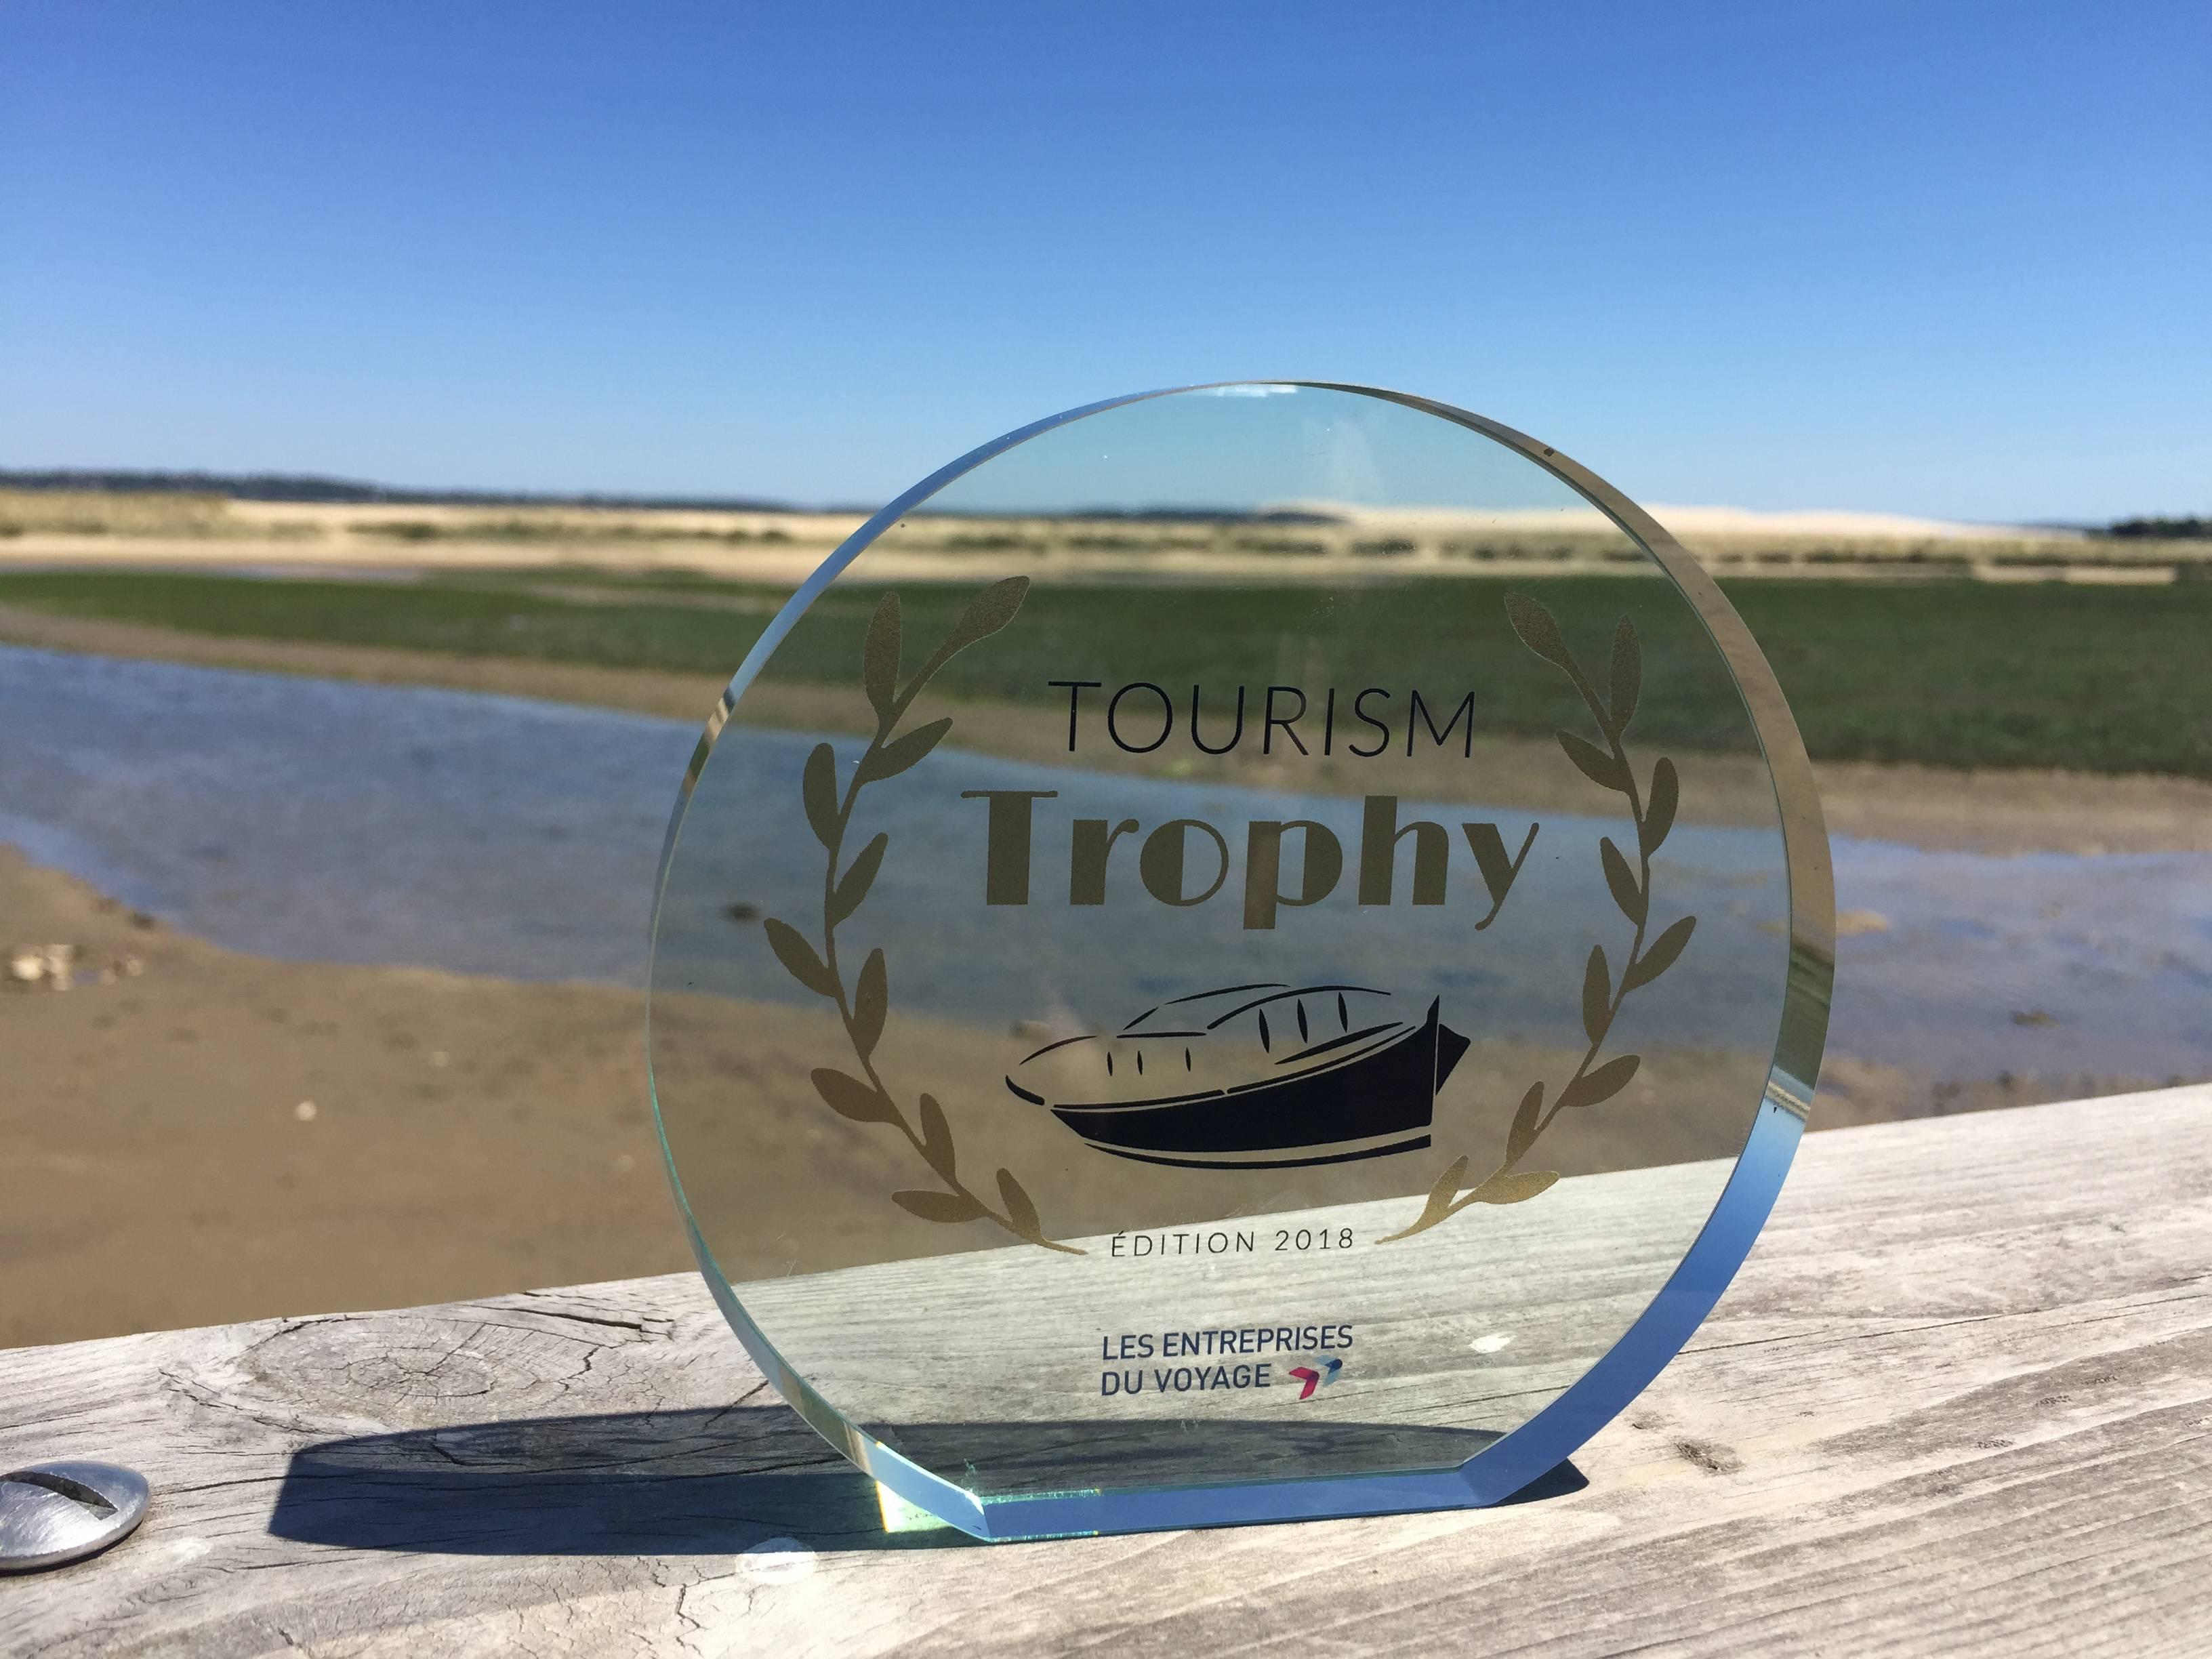 KooKooning au Tourism Trophy